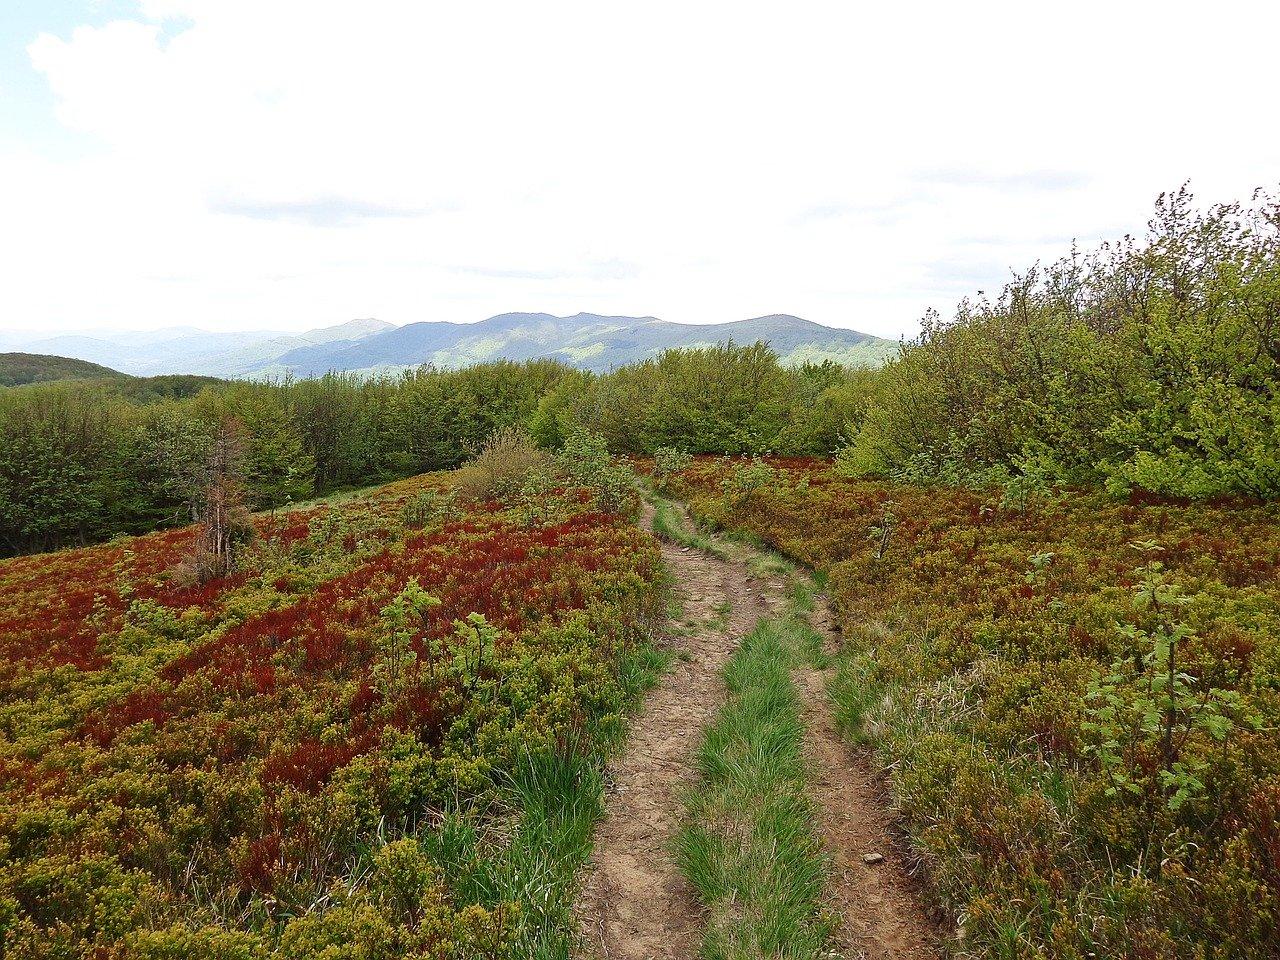 Jakie są główne szlaki w Bieszczadach?